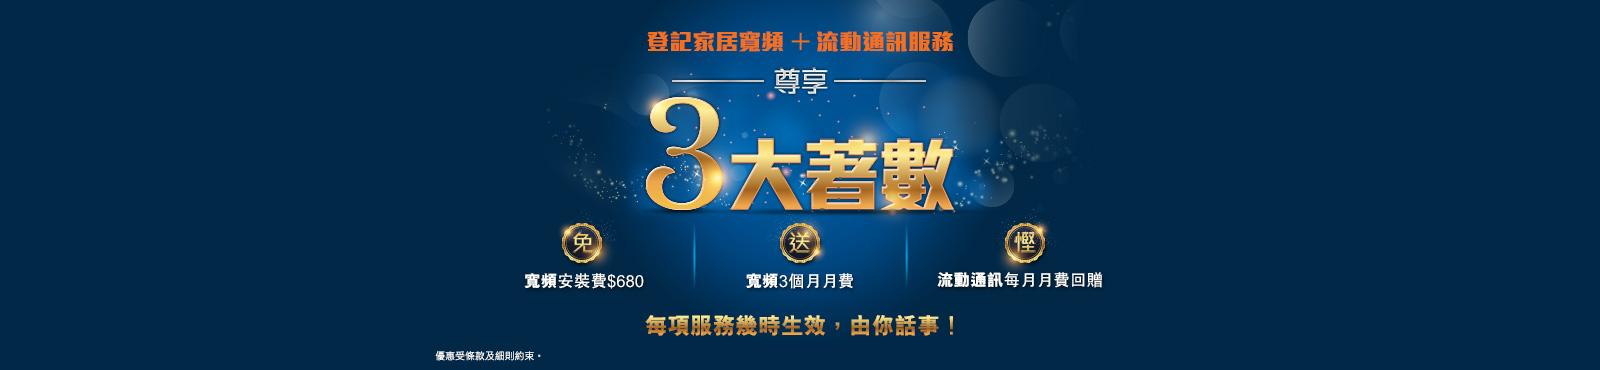 住宅及商業光纖寬頻服務供應商 | 香港寬頻 HKBN